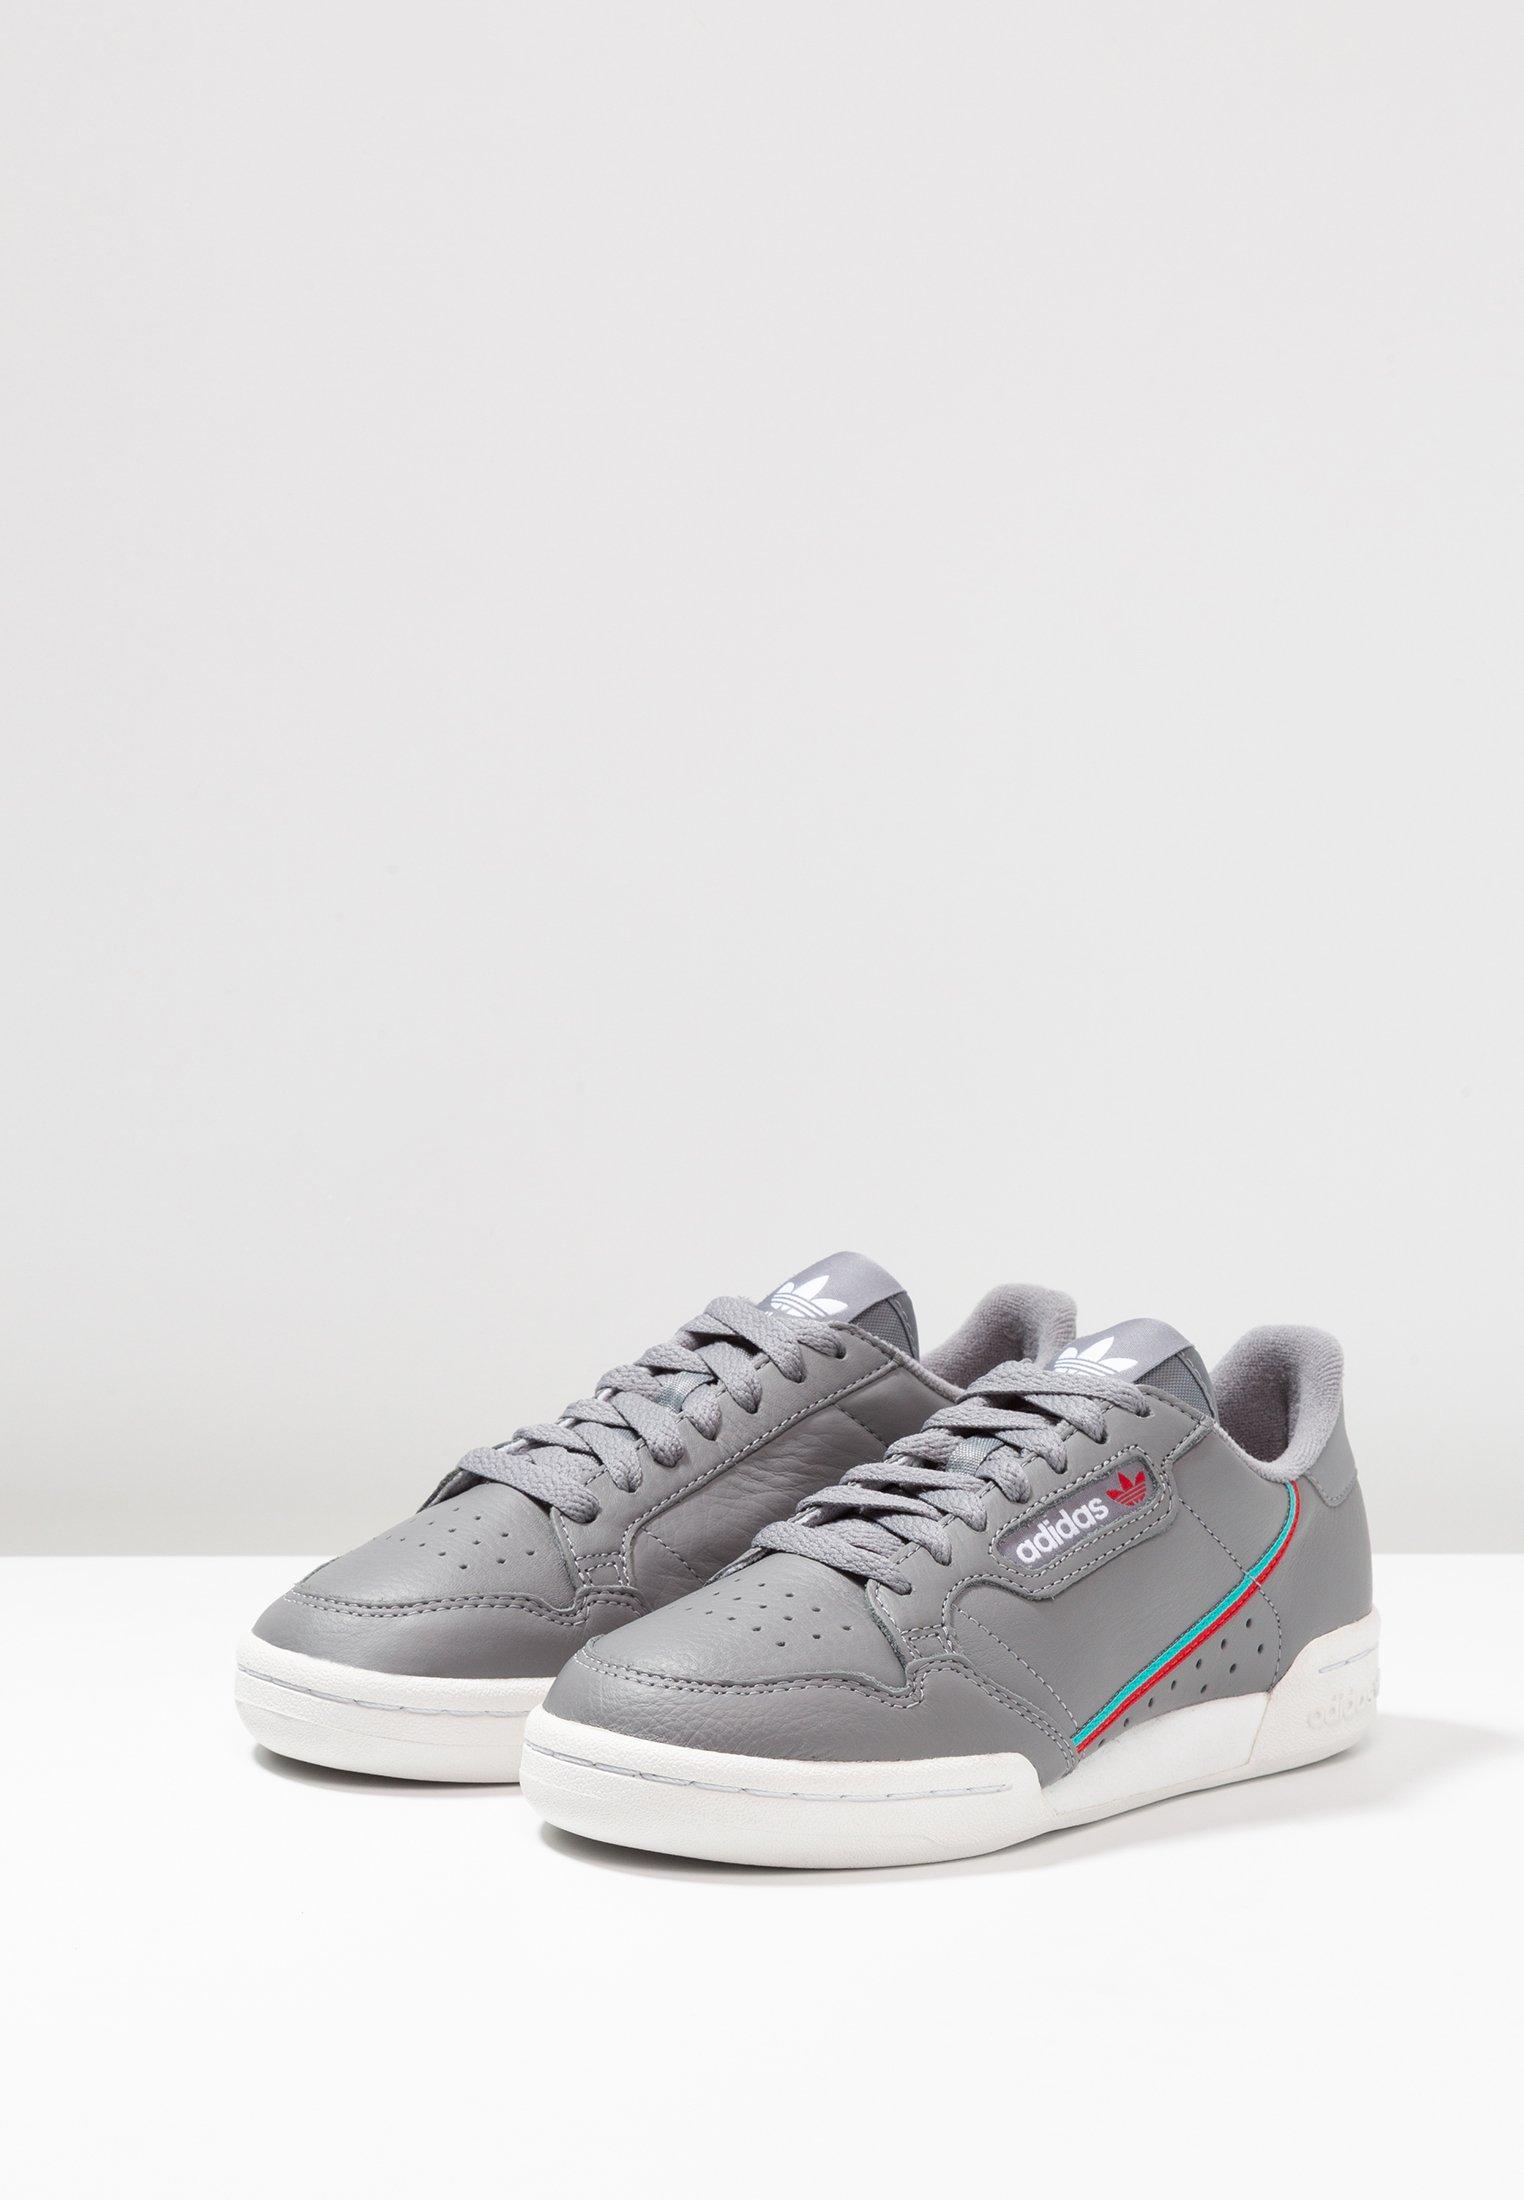 res Basses hi Adidas Originals Aqua scarlet Three Continental Grey 80Baskets L4Aj35R